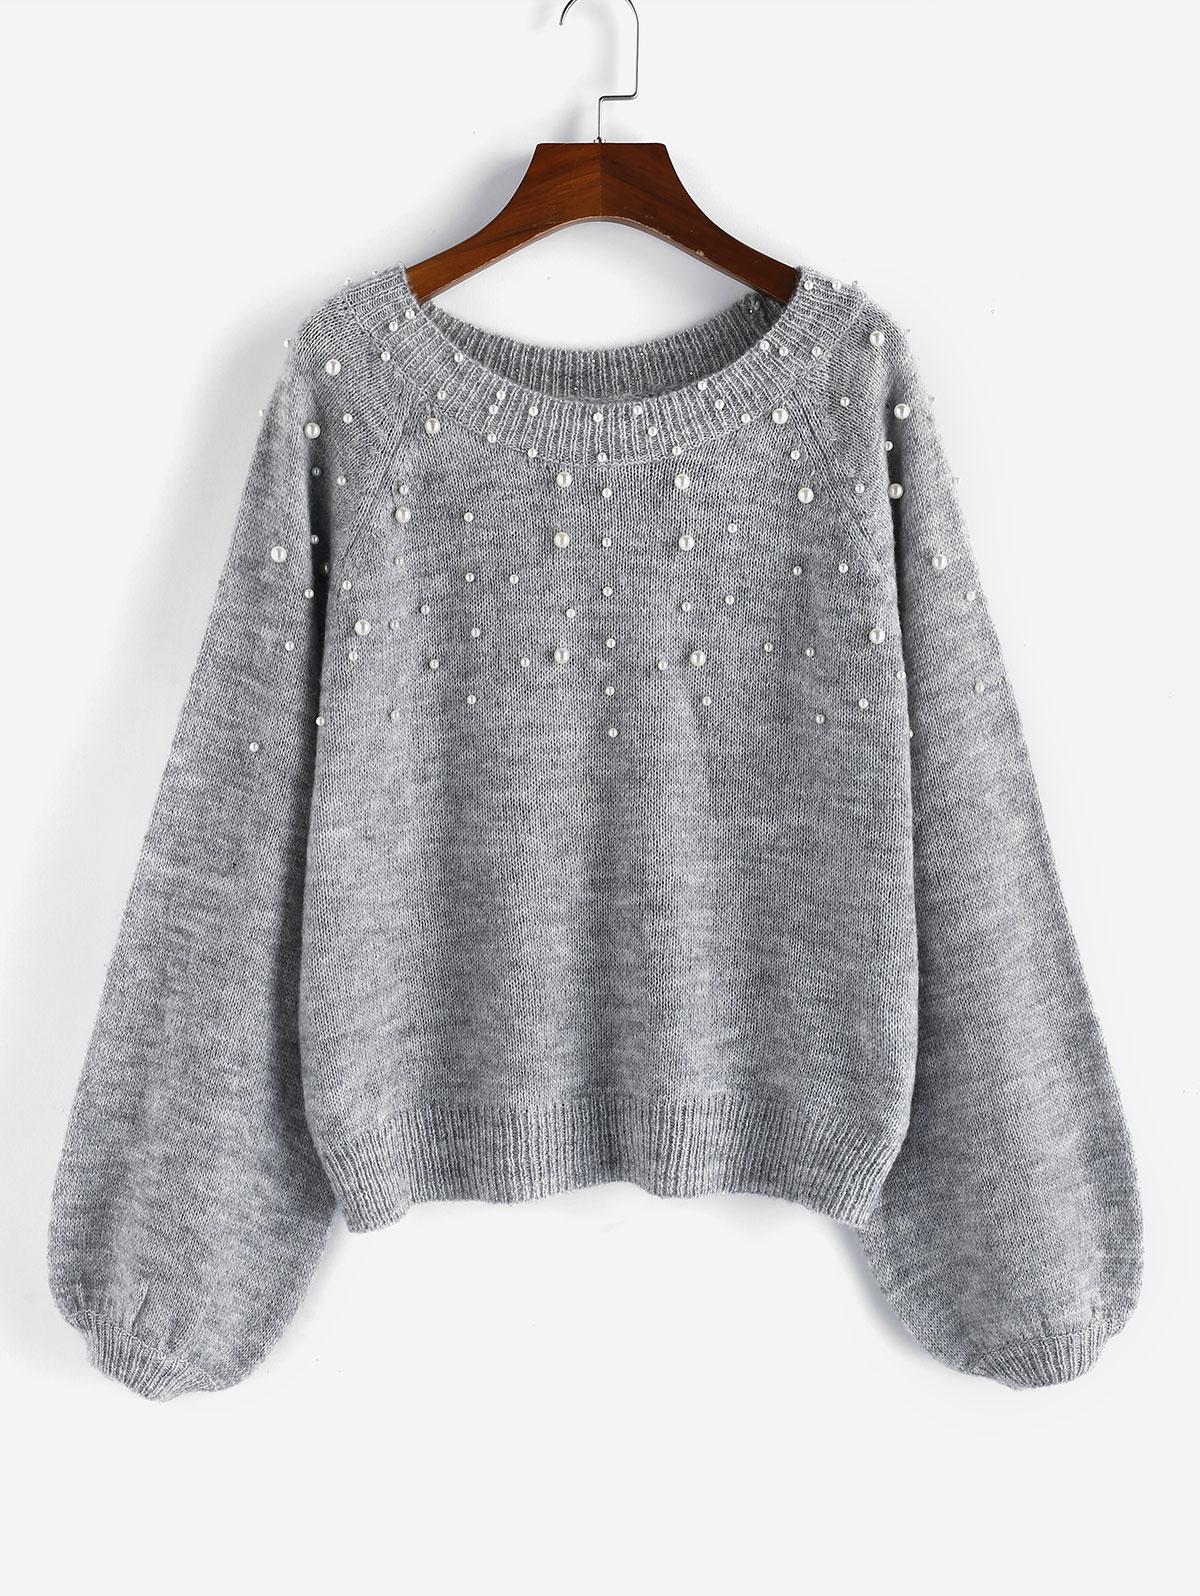 ZAFUL Beading Faux Pearl Raglan Sleeve Sweater